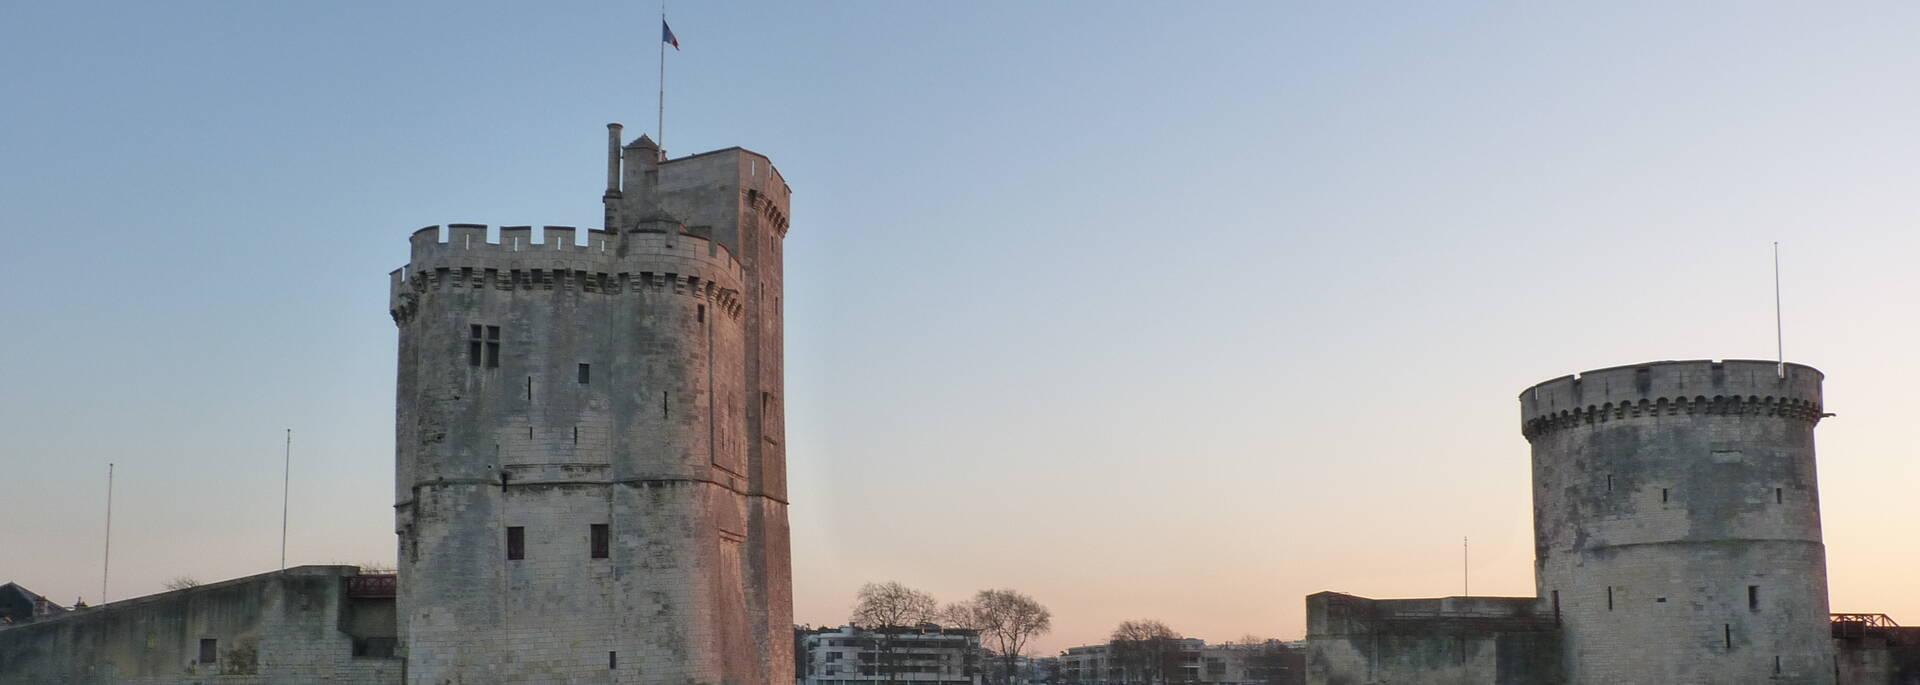 Tours de la Rochelle - © FDHPA 17